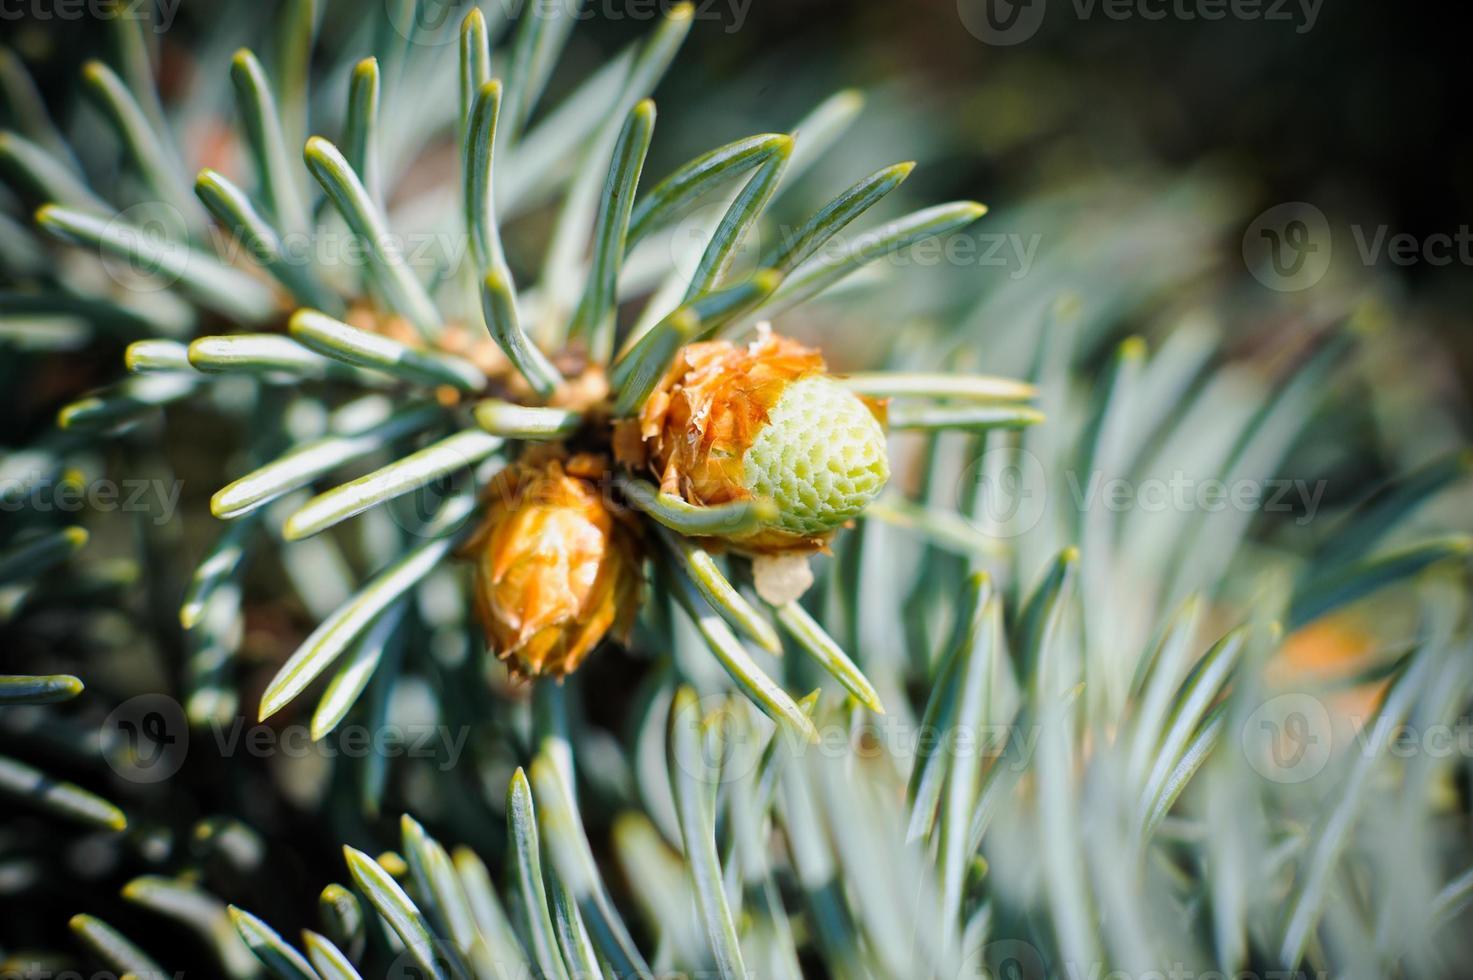 quelques bourgeons à la branche de l'épinette bleue photo